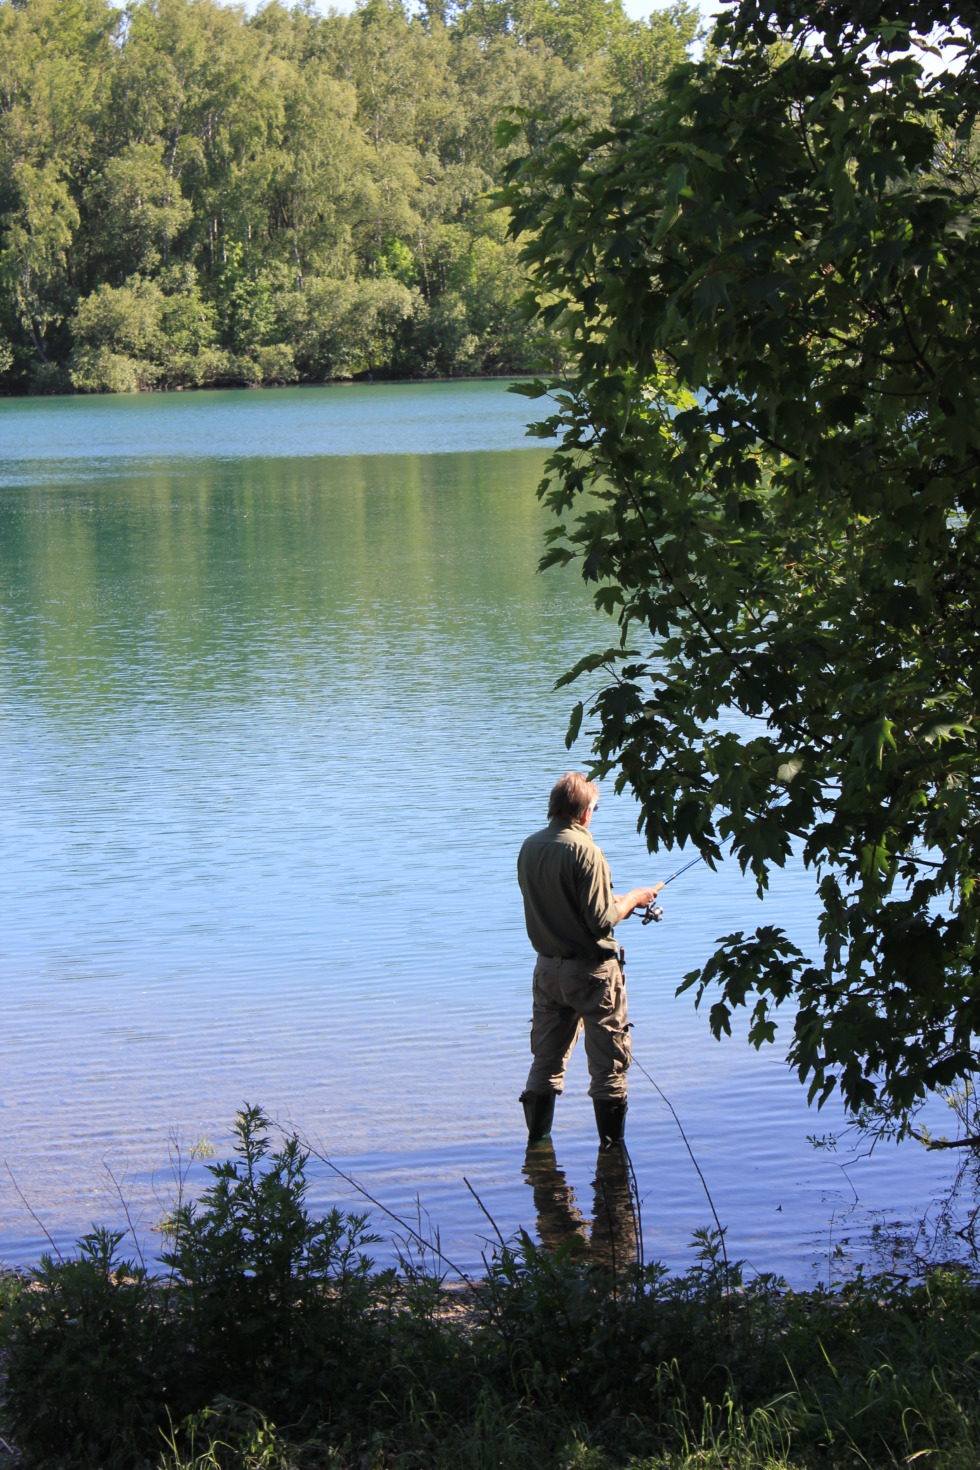 Angler in river